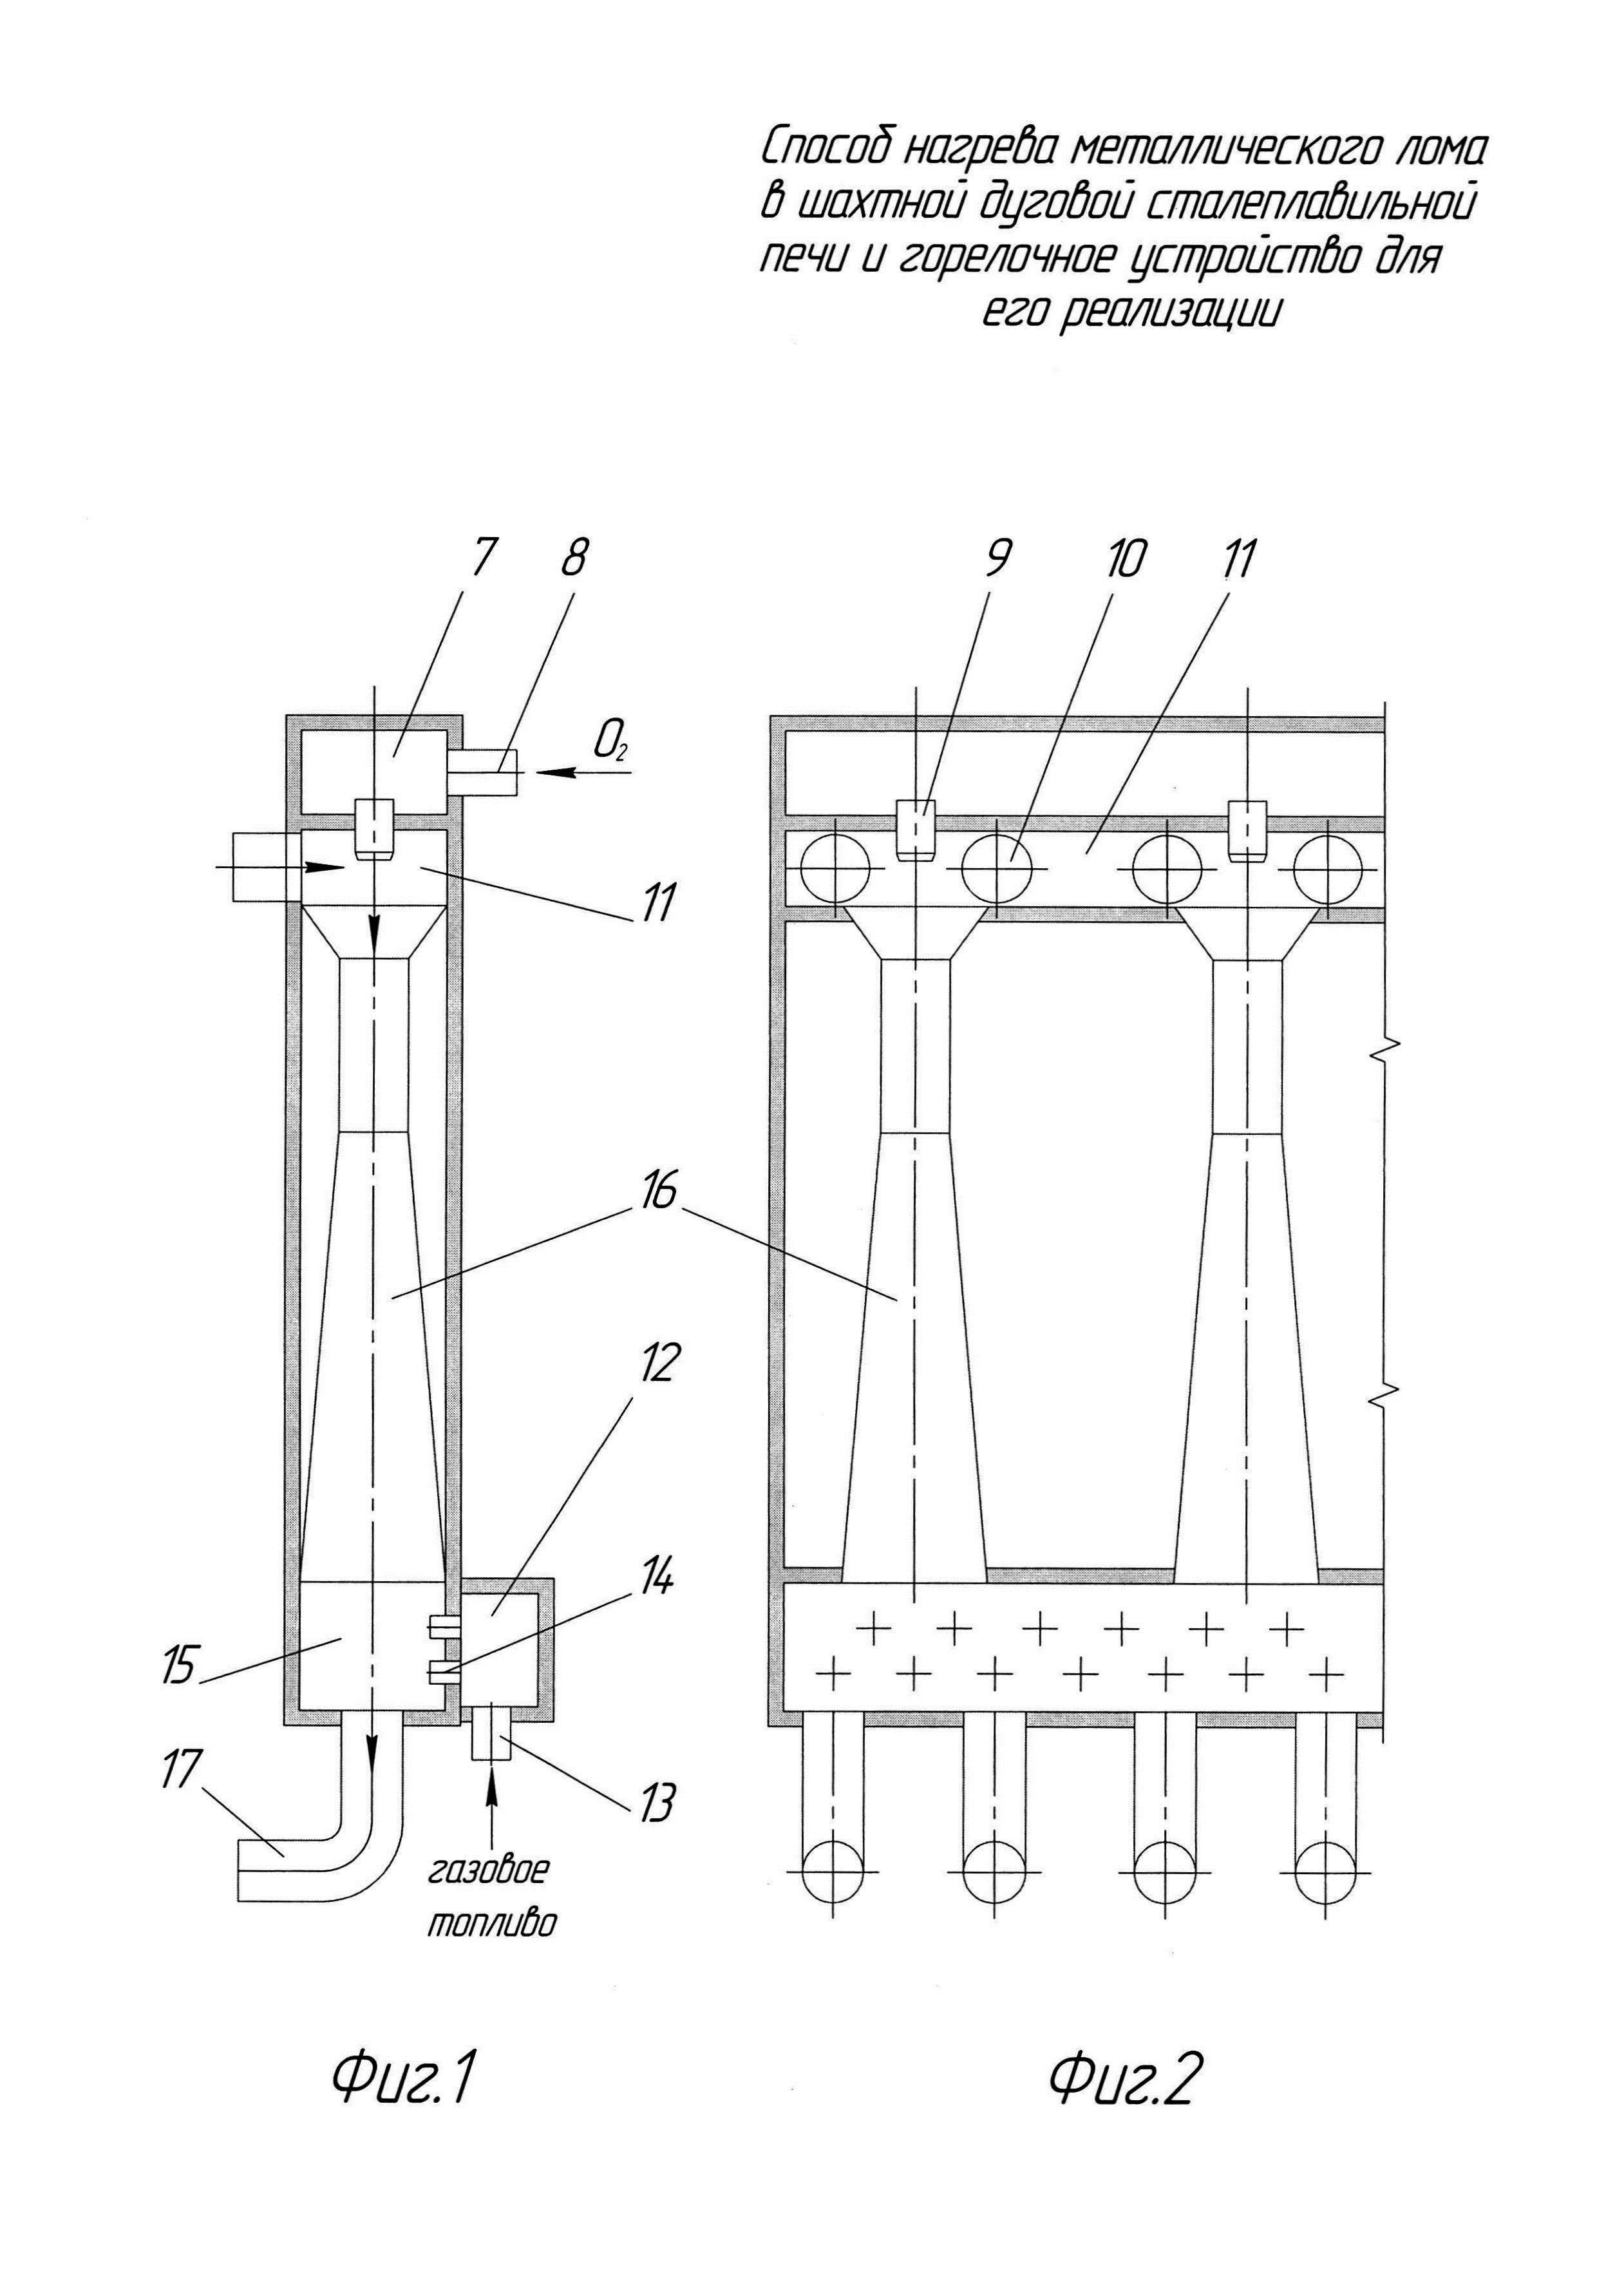 Способ нагрева металлического лома в шахтном подогревателе дуговой сталеплавильной печи и горелочное устройство для его реализации